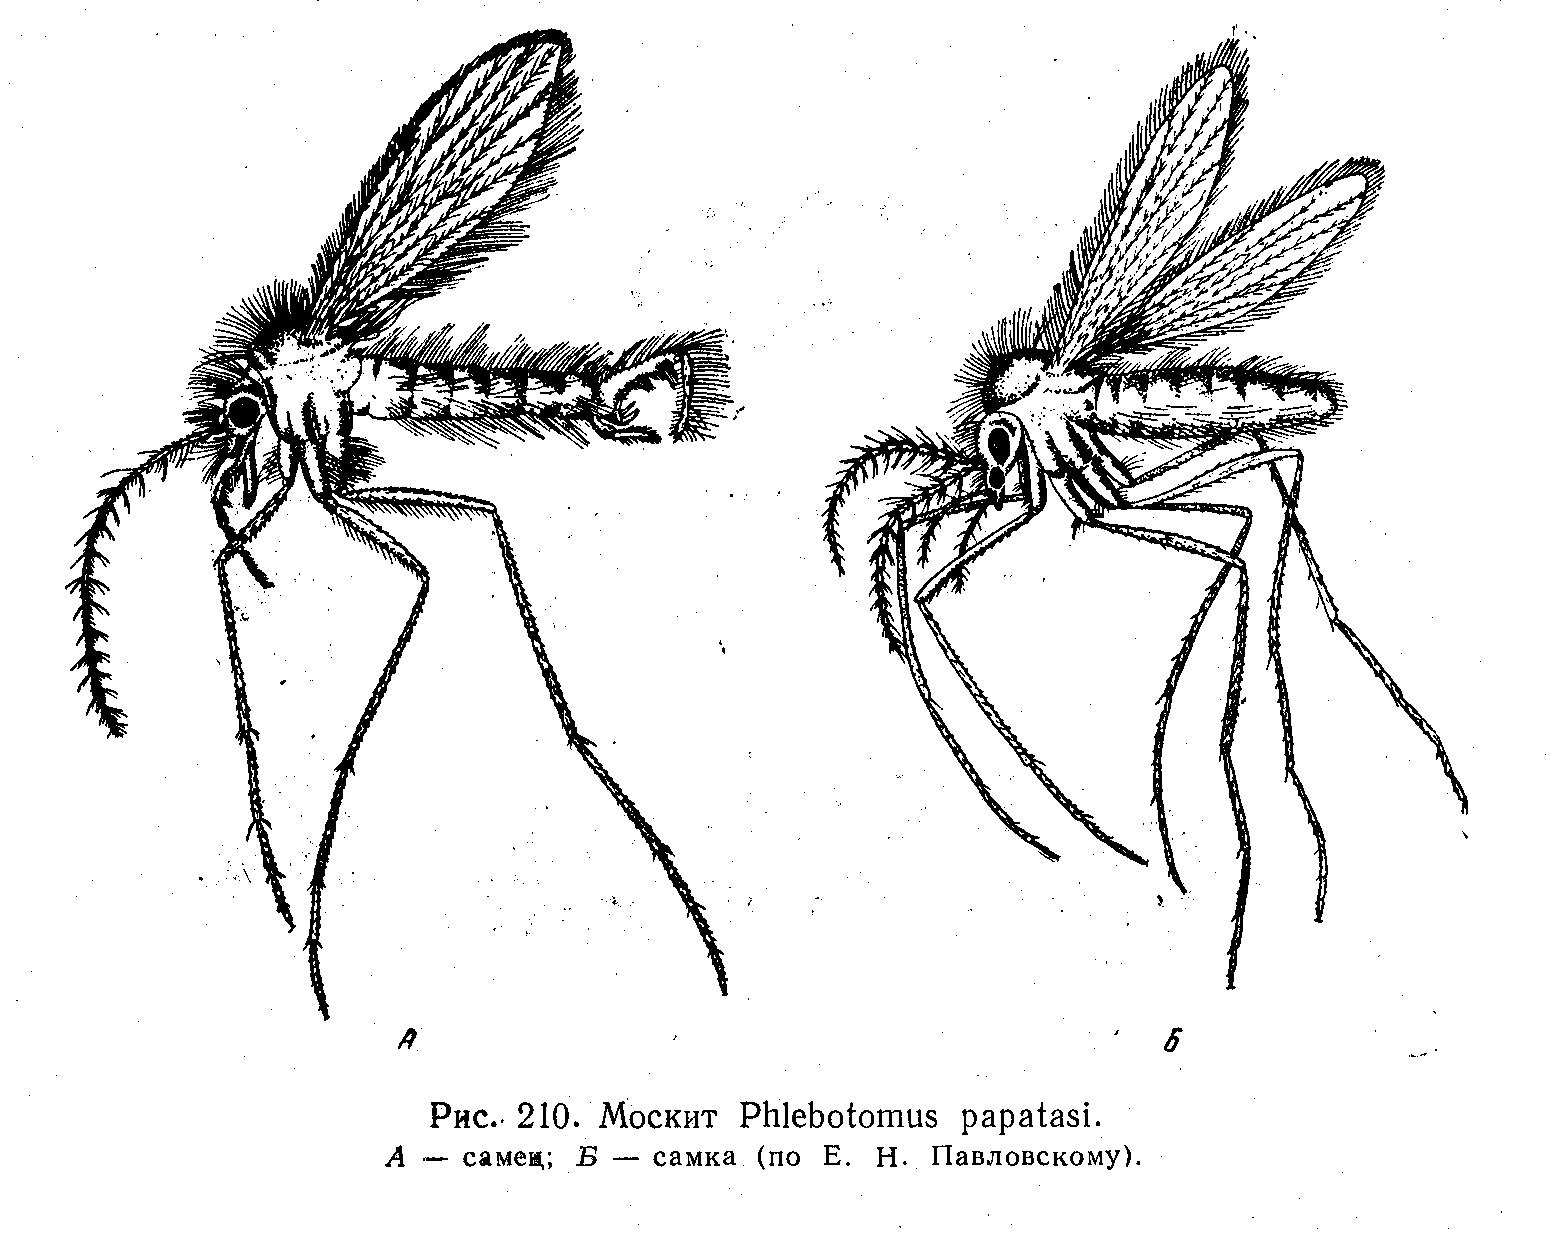 Малярийный комар - это... Что такое Малярийный комар?